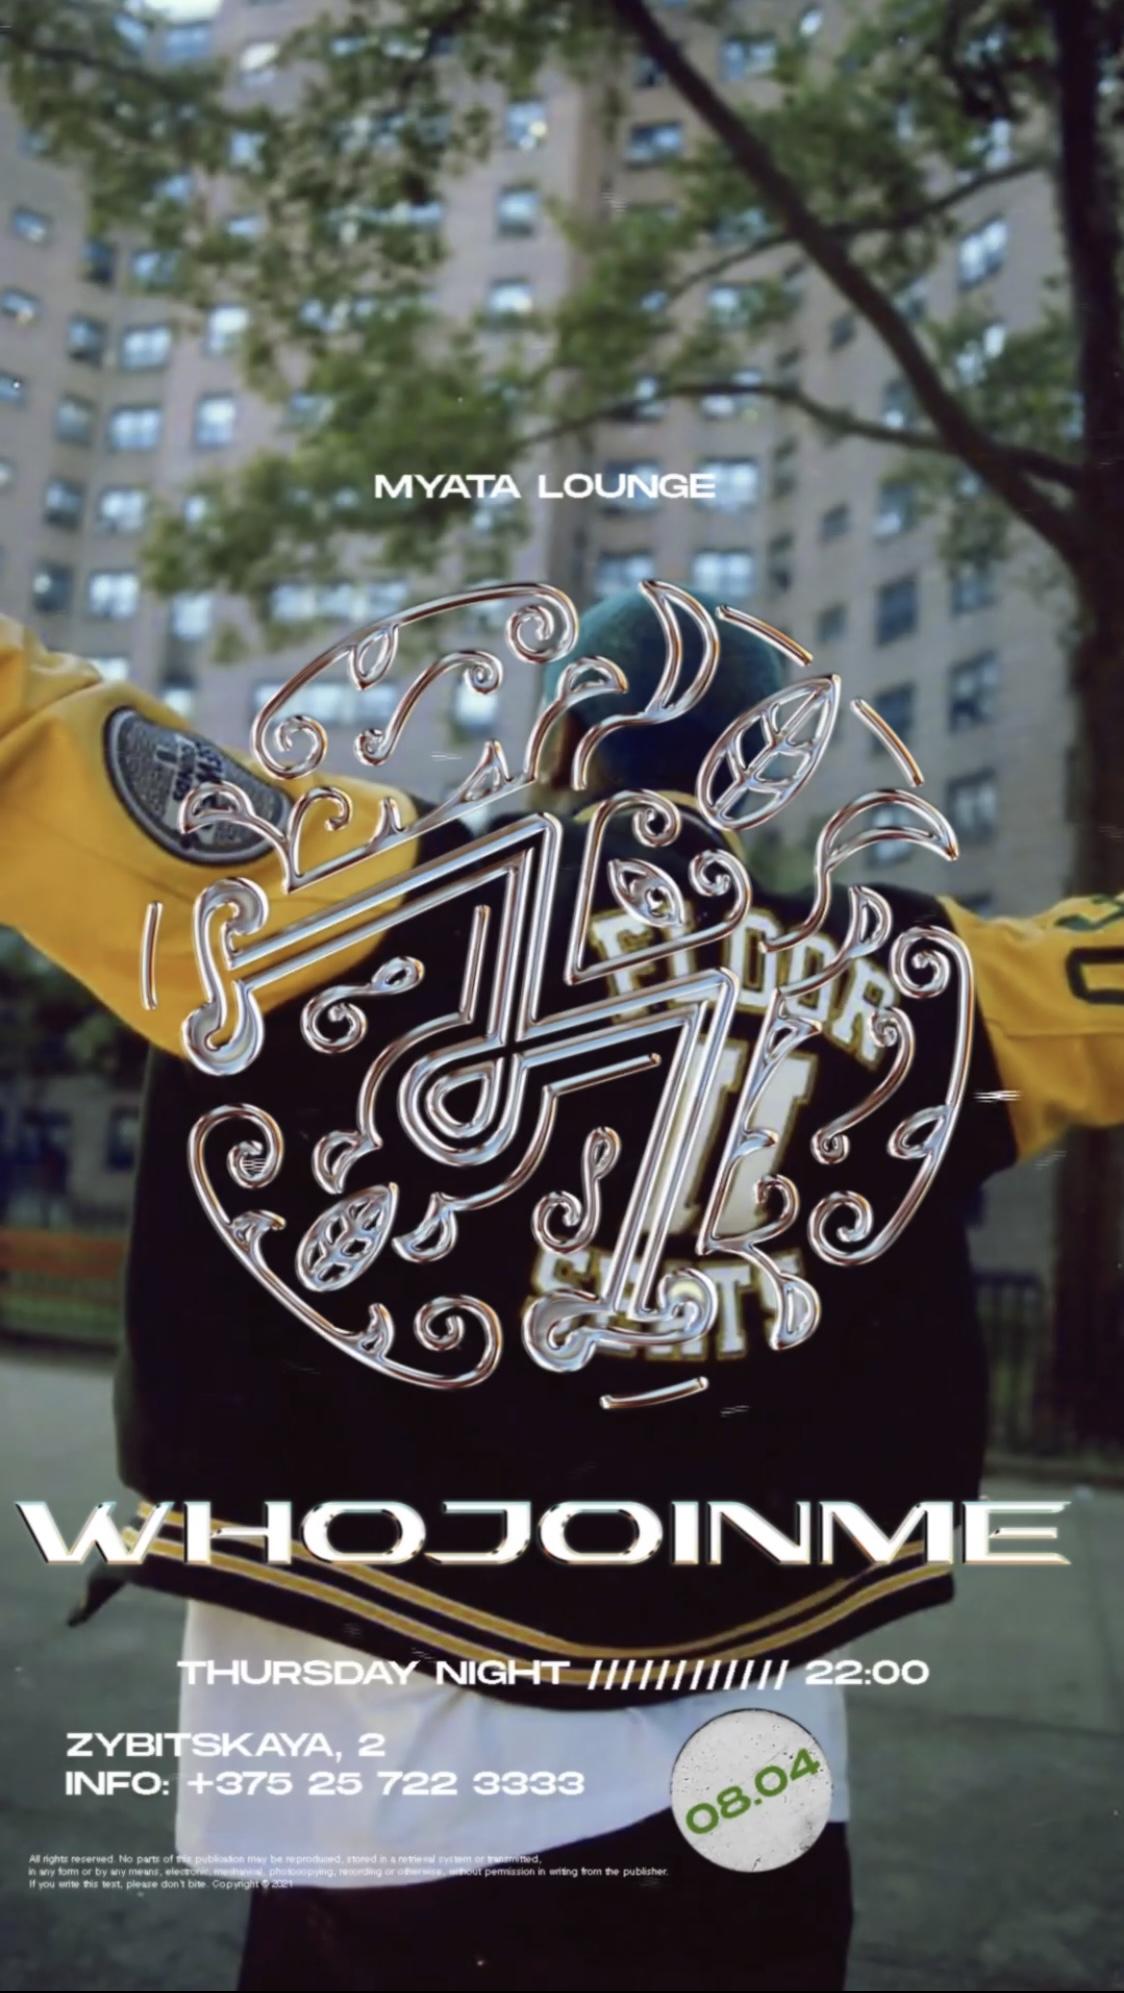 Мята Зыбицкая: DJ Whojoinme